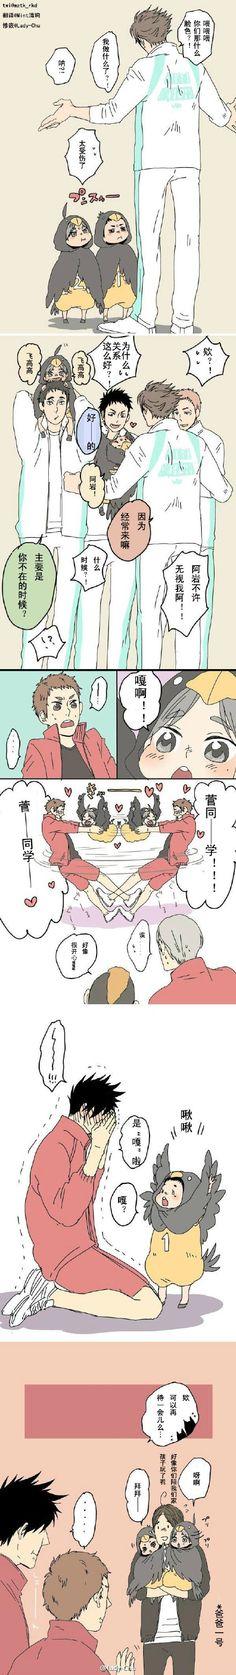 幼兒化太可愛了!!!!!!! Sugawara San and Daichi San as wee lil chibis :3